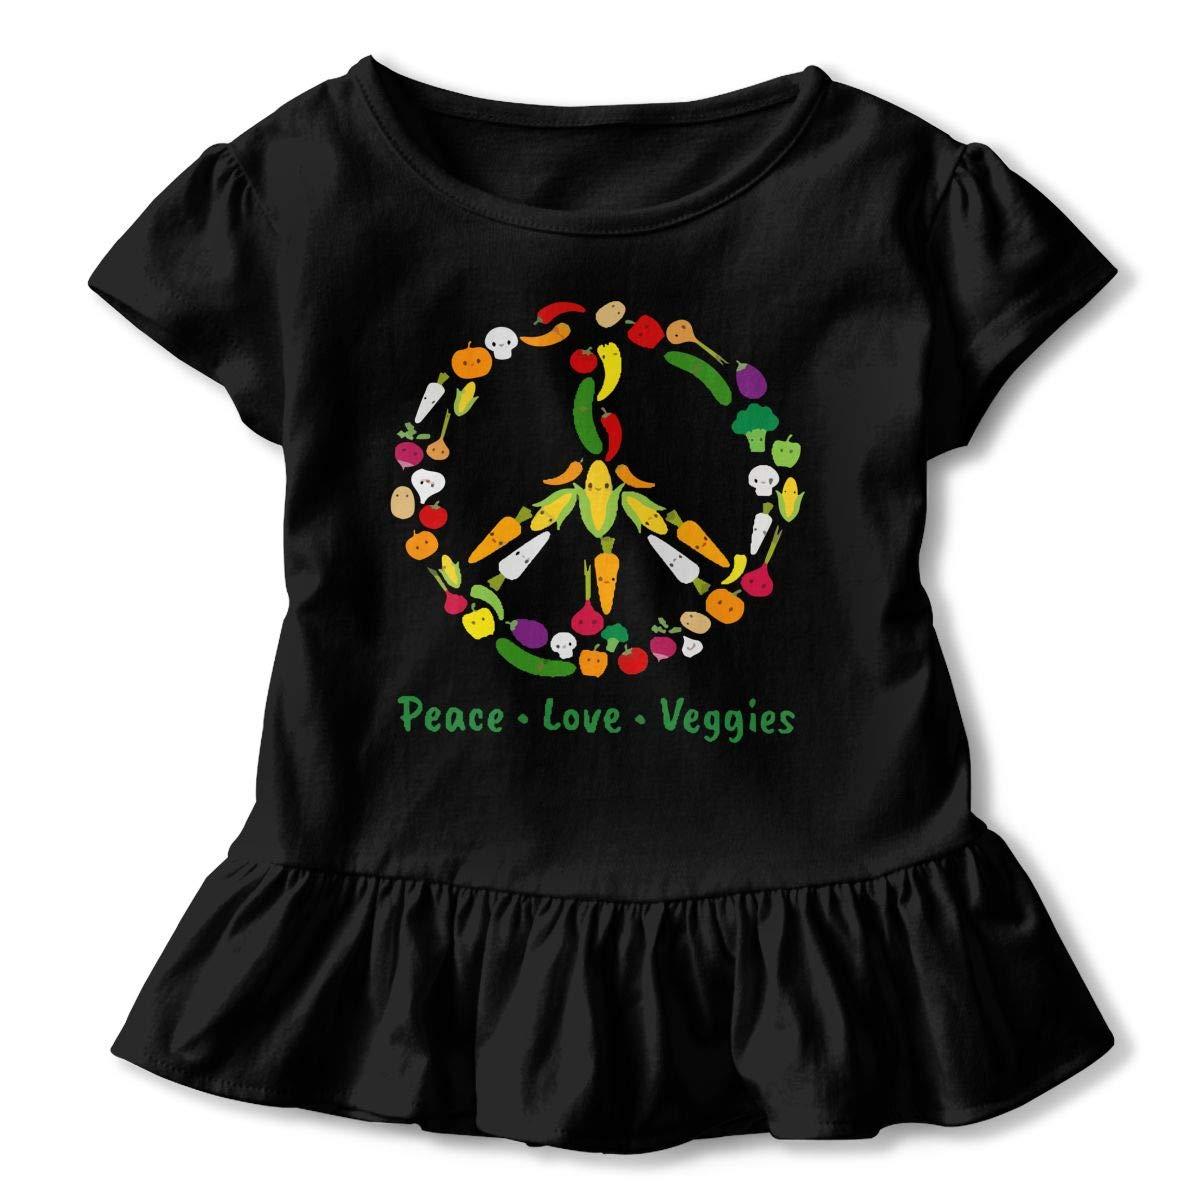 SHIRT1-KIDS Cute Kawaii Vegetable Veggie Peace Sign Toddler//Infant Girls Short Sleeve Ruffles Shirt T-Shirt for 2-6T